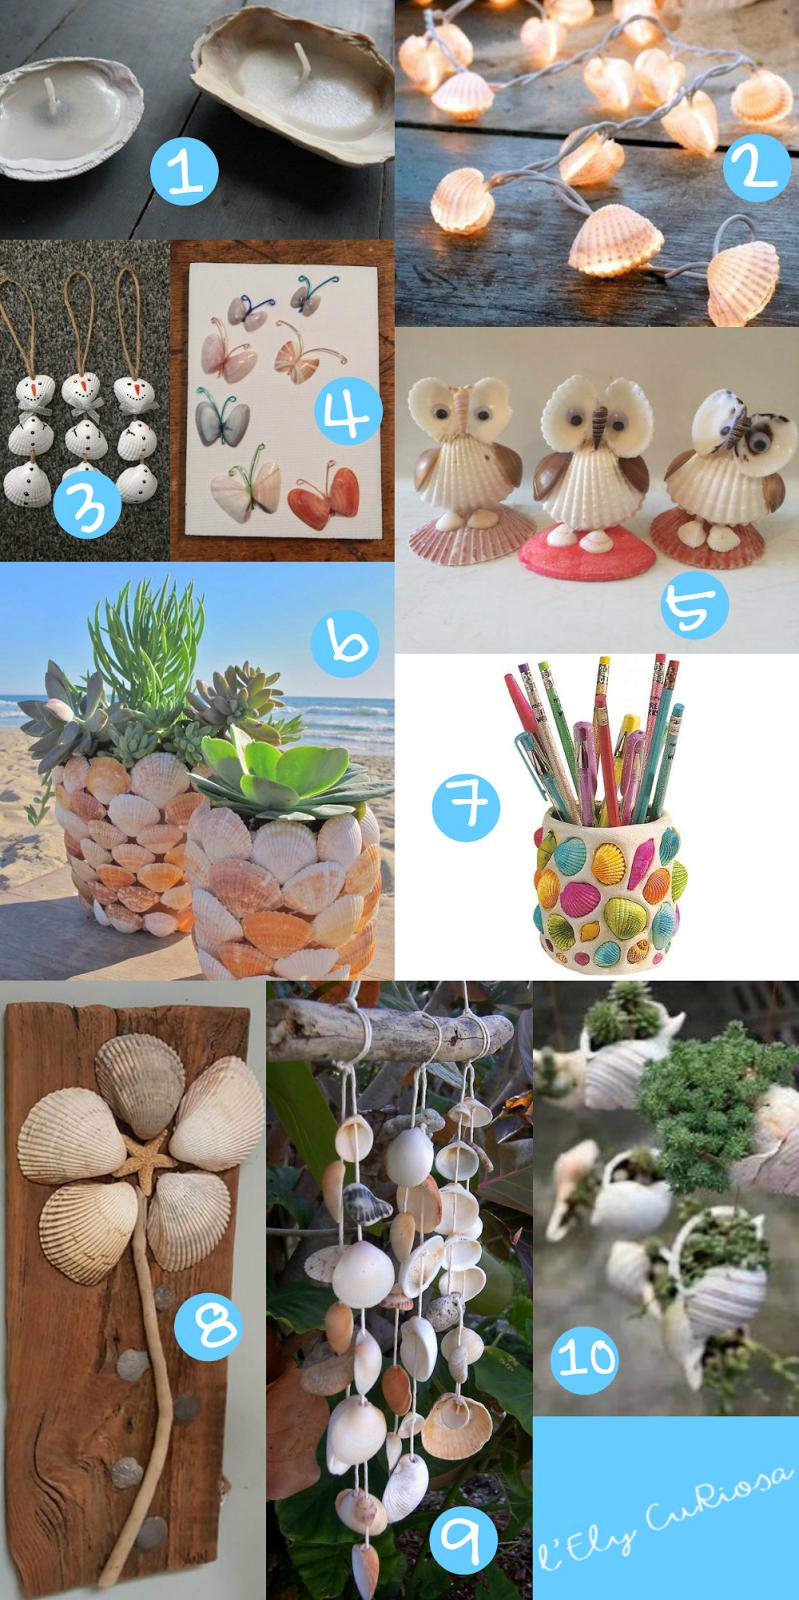 Populaire 10 idee da Pinterest // Cosa creare con le conchiglie - L'Ely curiosa KE75